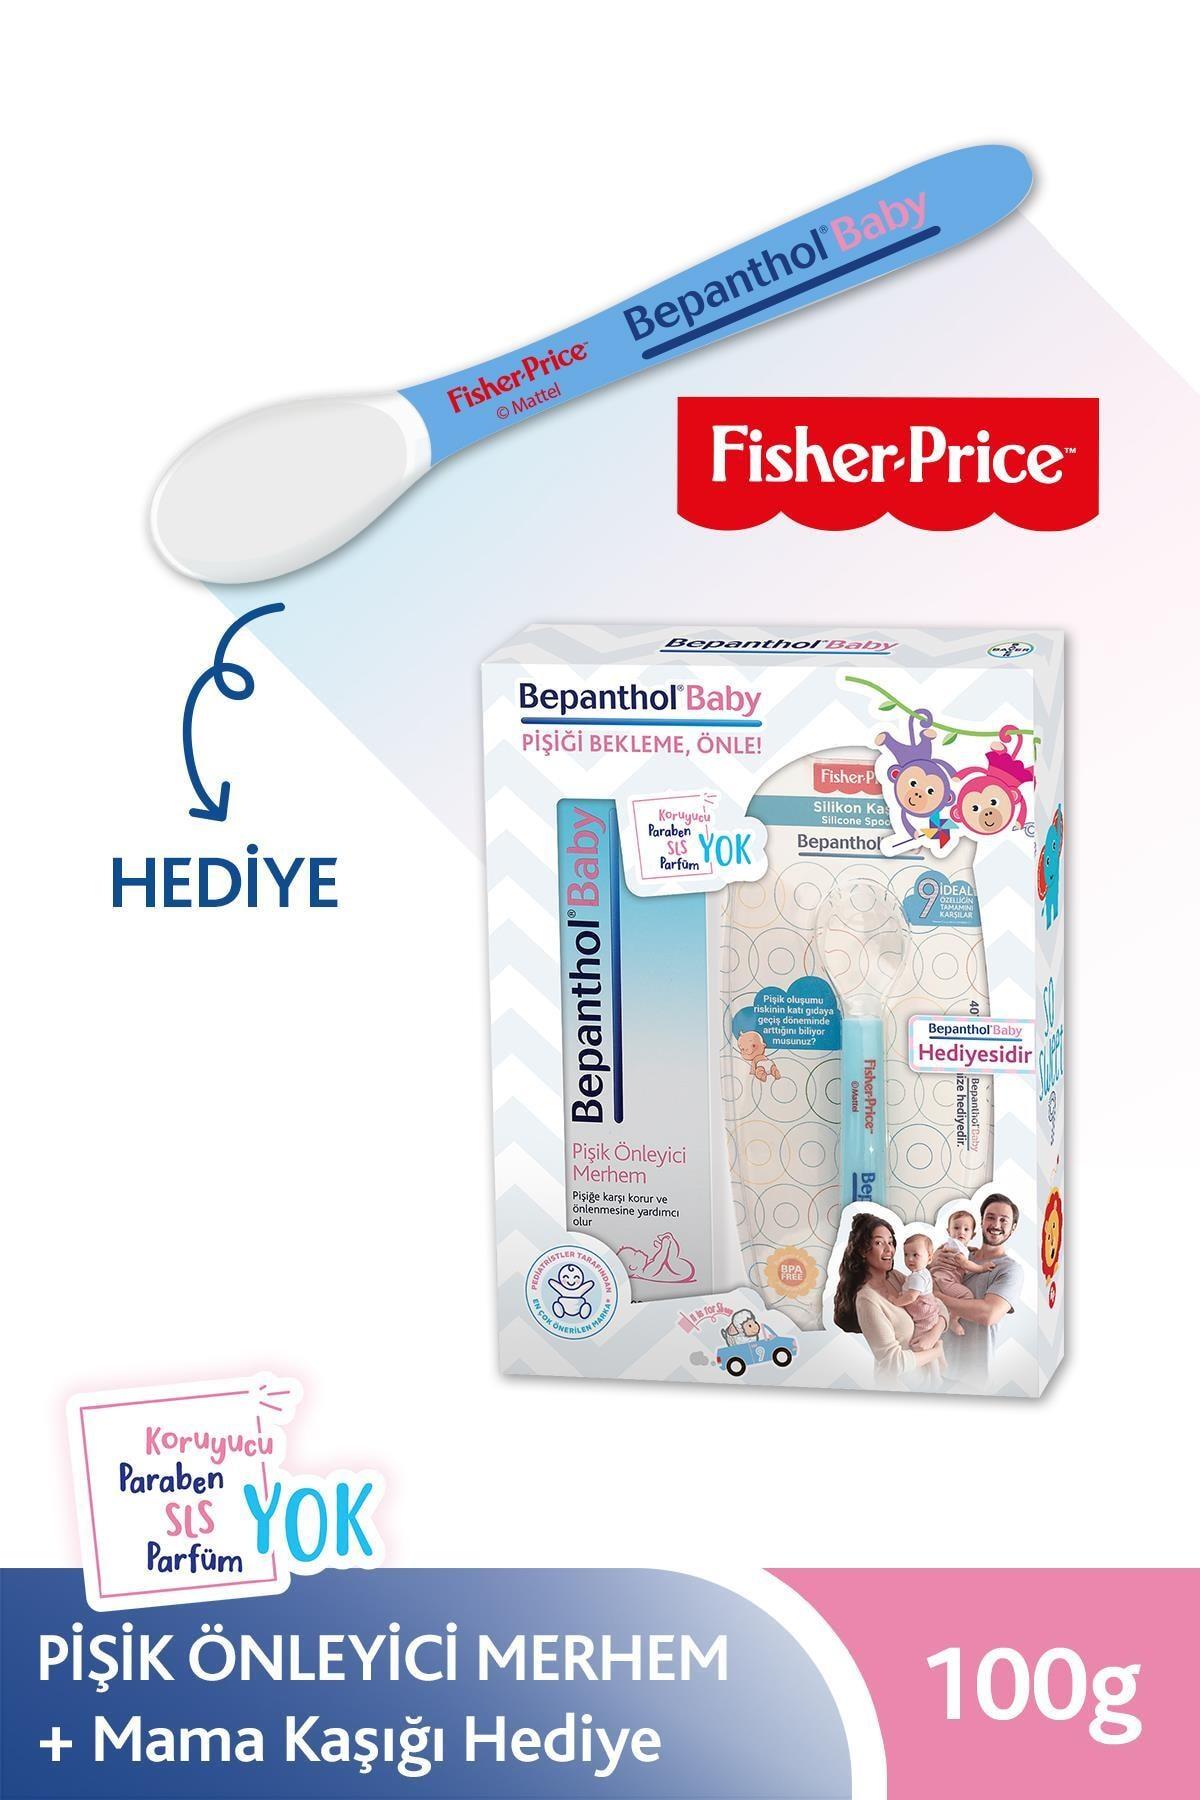 Bepanthol Baby Pişik Önleyici Merhem 100 g + Fisher Price Mavi Mama Kaşığı Hediye 8699546370511